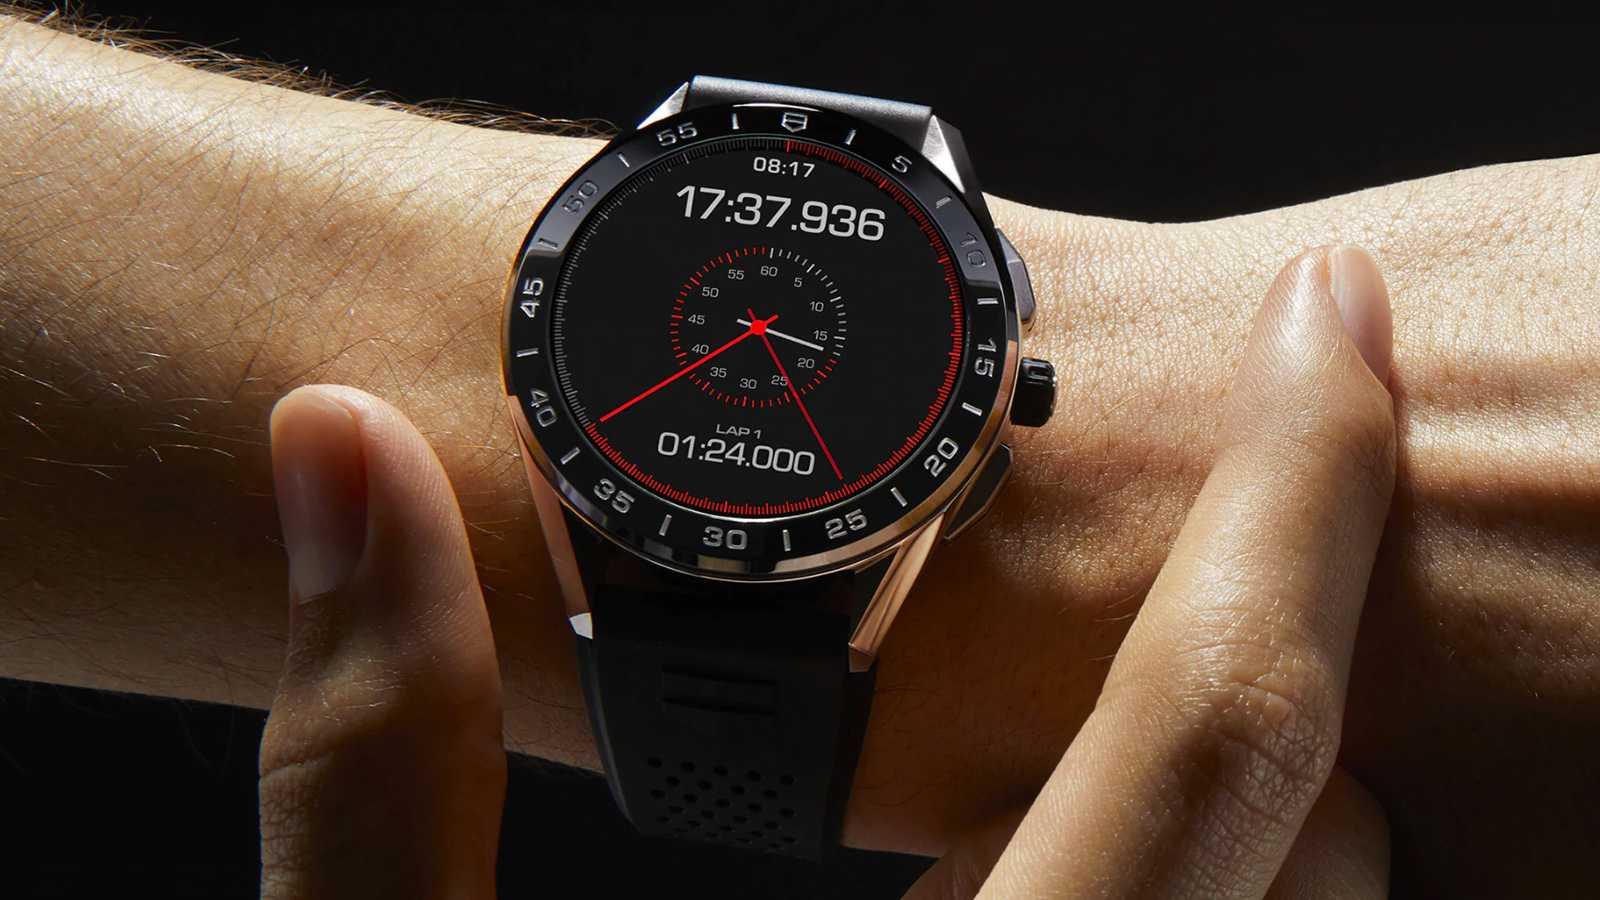 Известный швейцарский производитель электроники компания TAG Heuer представила новое поколение смарт-часов серии Connected Модель уже в продаже с ценником в 2350